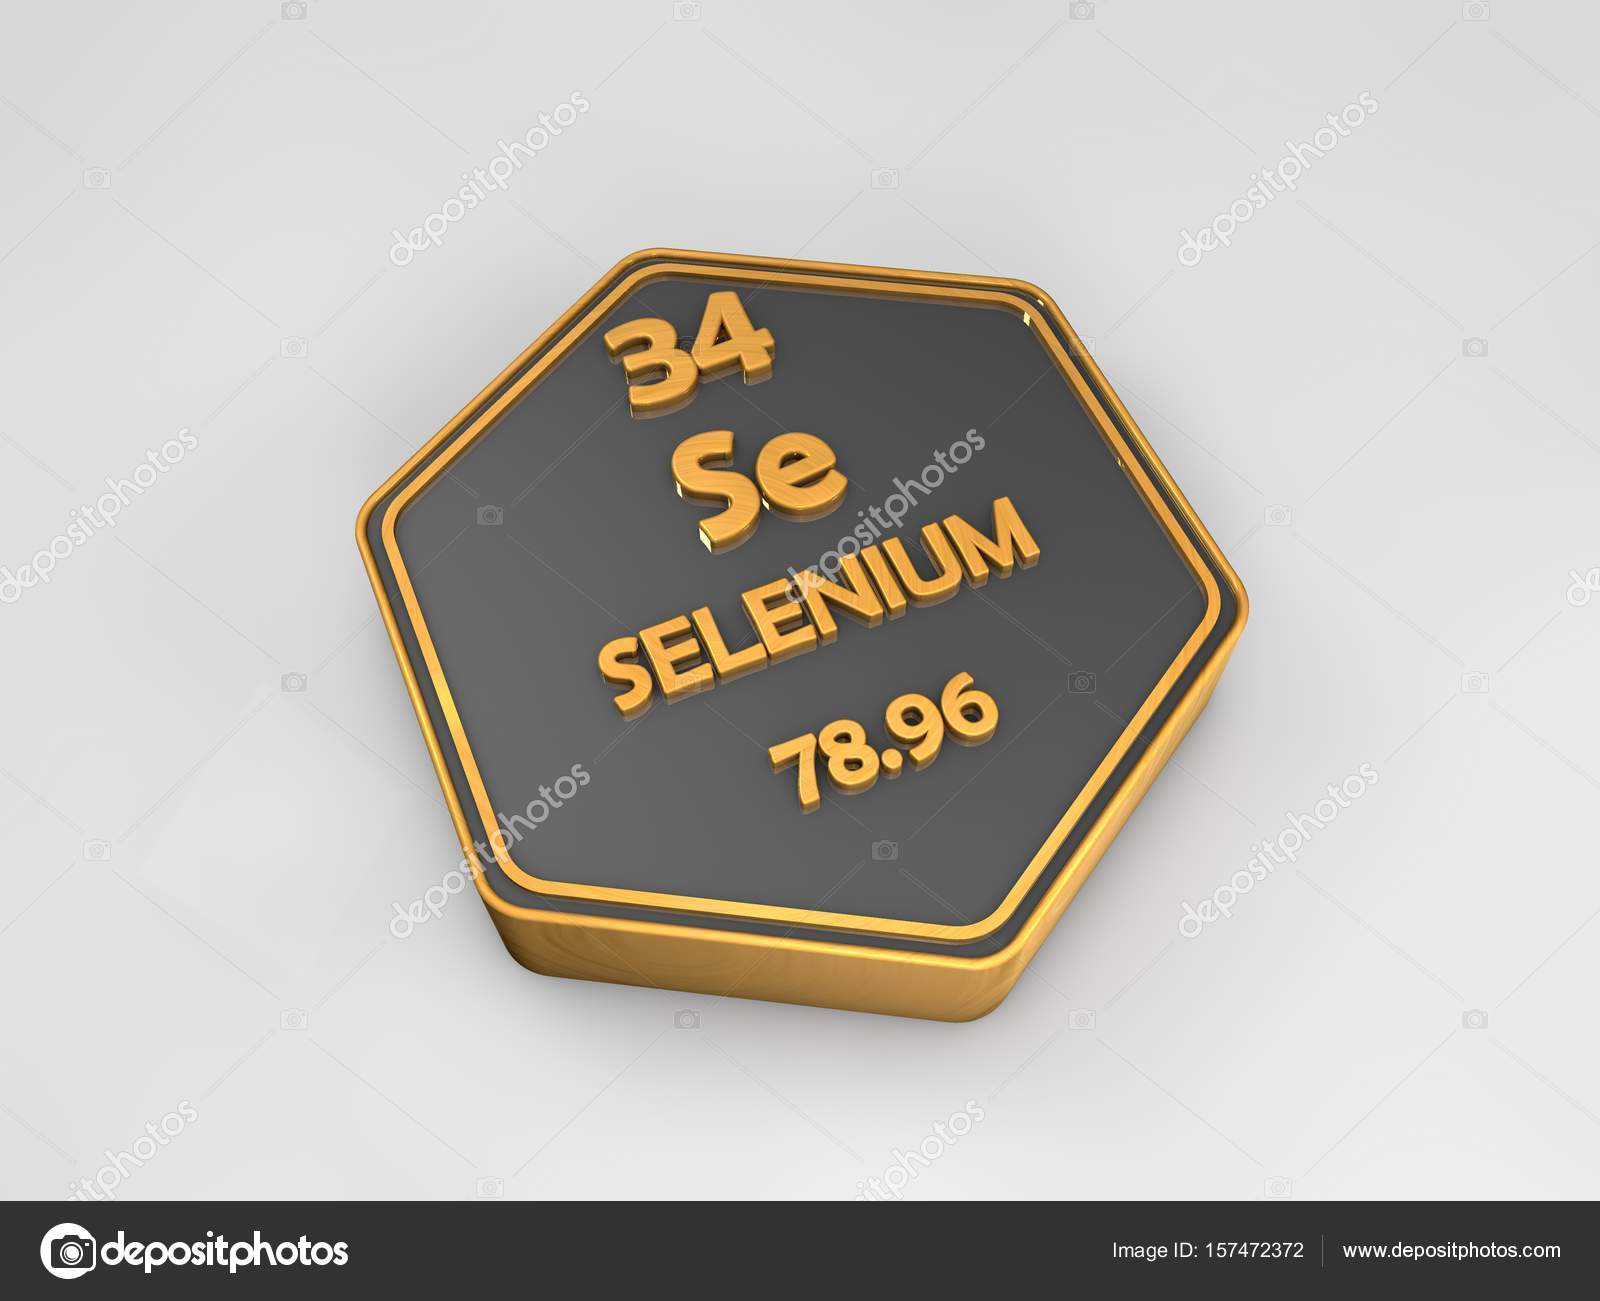 Selenio se elemento qumico tabla peridica forma hexagonal 3d selenio se elemento qumico tabla peridica forma hexagonal 3d render fotos de stock urtaz Image collections